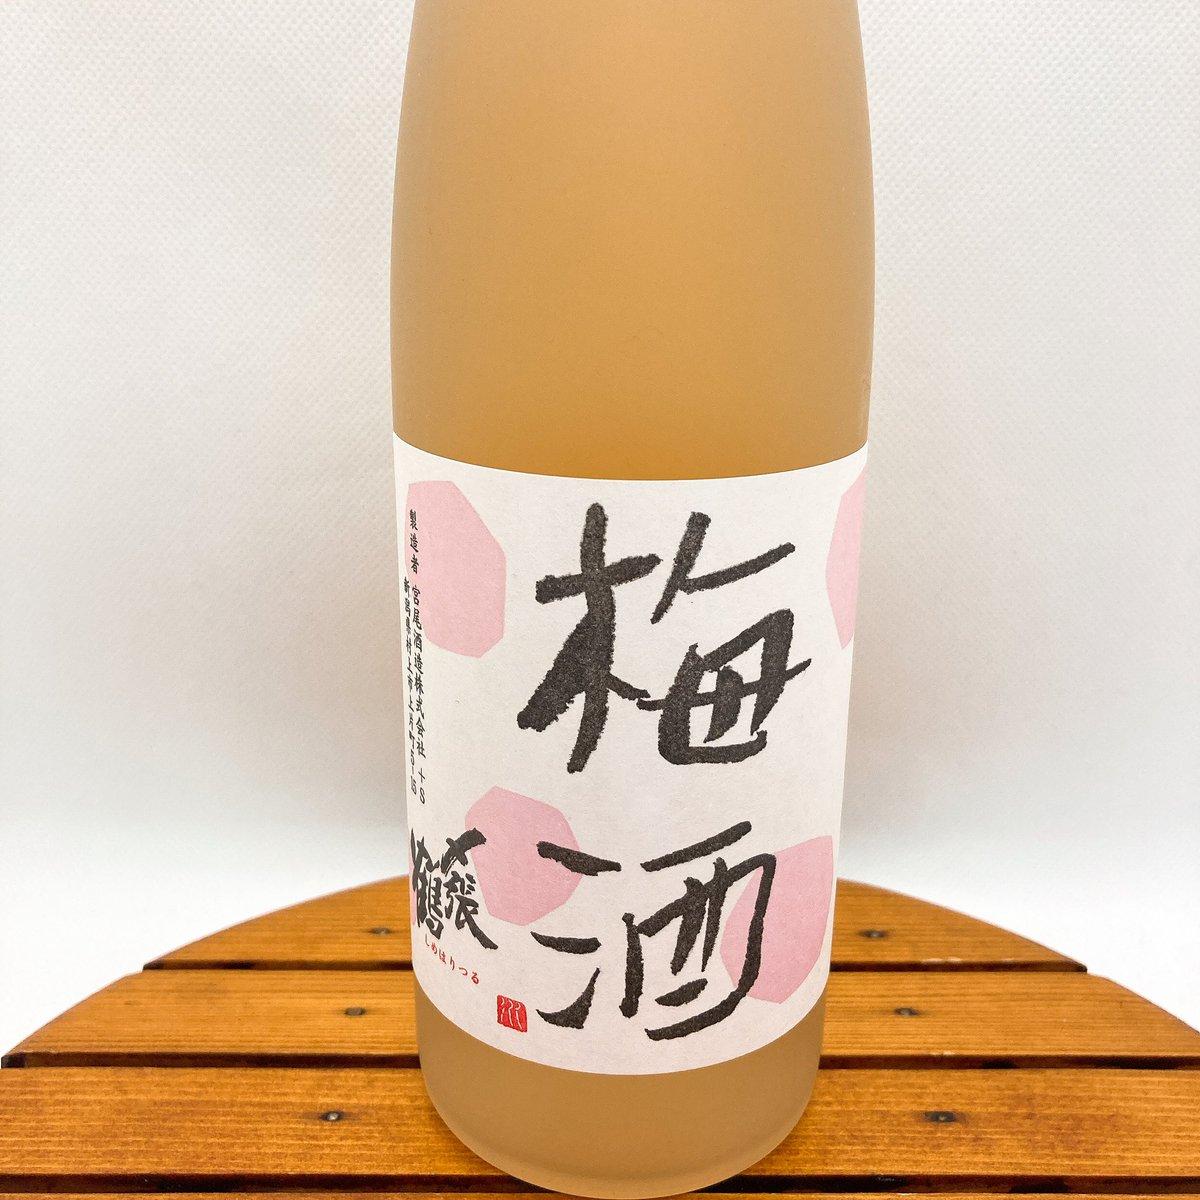 test ツイッターメディア - 日本酒仕込みの梅酒ってなんでこんなに美味しいの?「〆張鶴 梅酒」。  群馬県産白加賀を〆張鶴の原酒で仕込みました。ほのかな甘みとコクが上品な味わいの梅酒です。  梅酒好きのおかあさんに、ぜひ💐 https://t.co/Y7auhRTqcQ